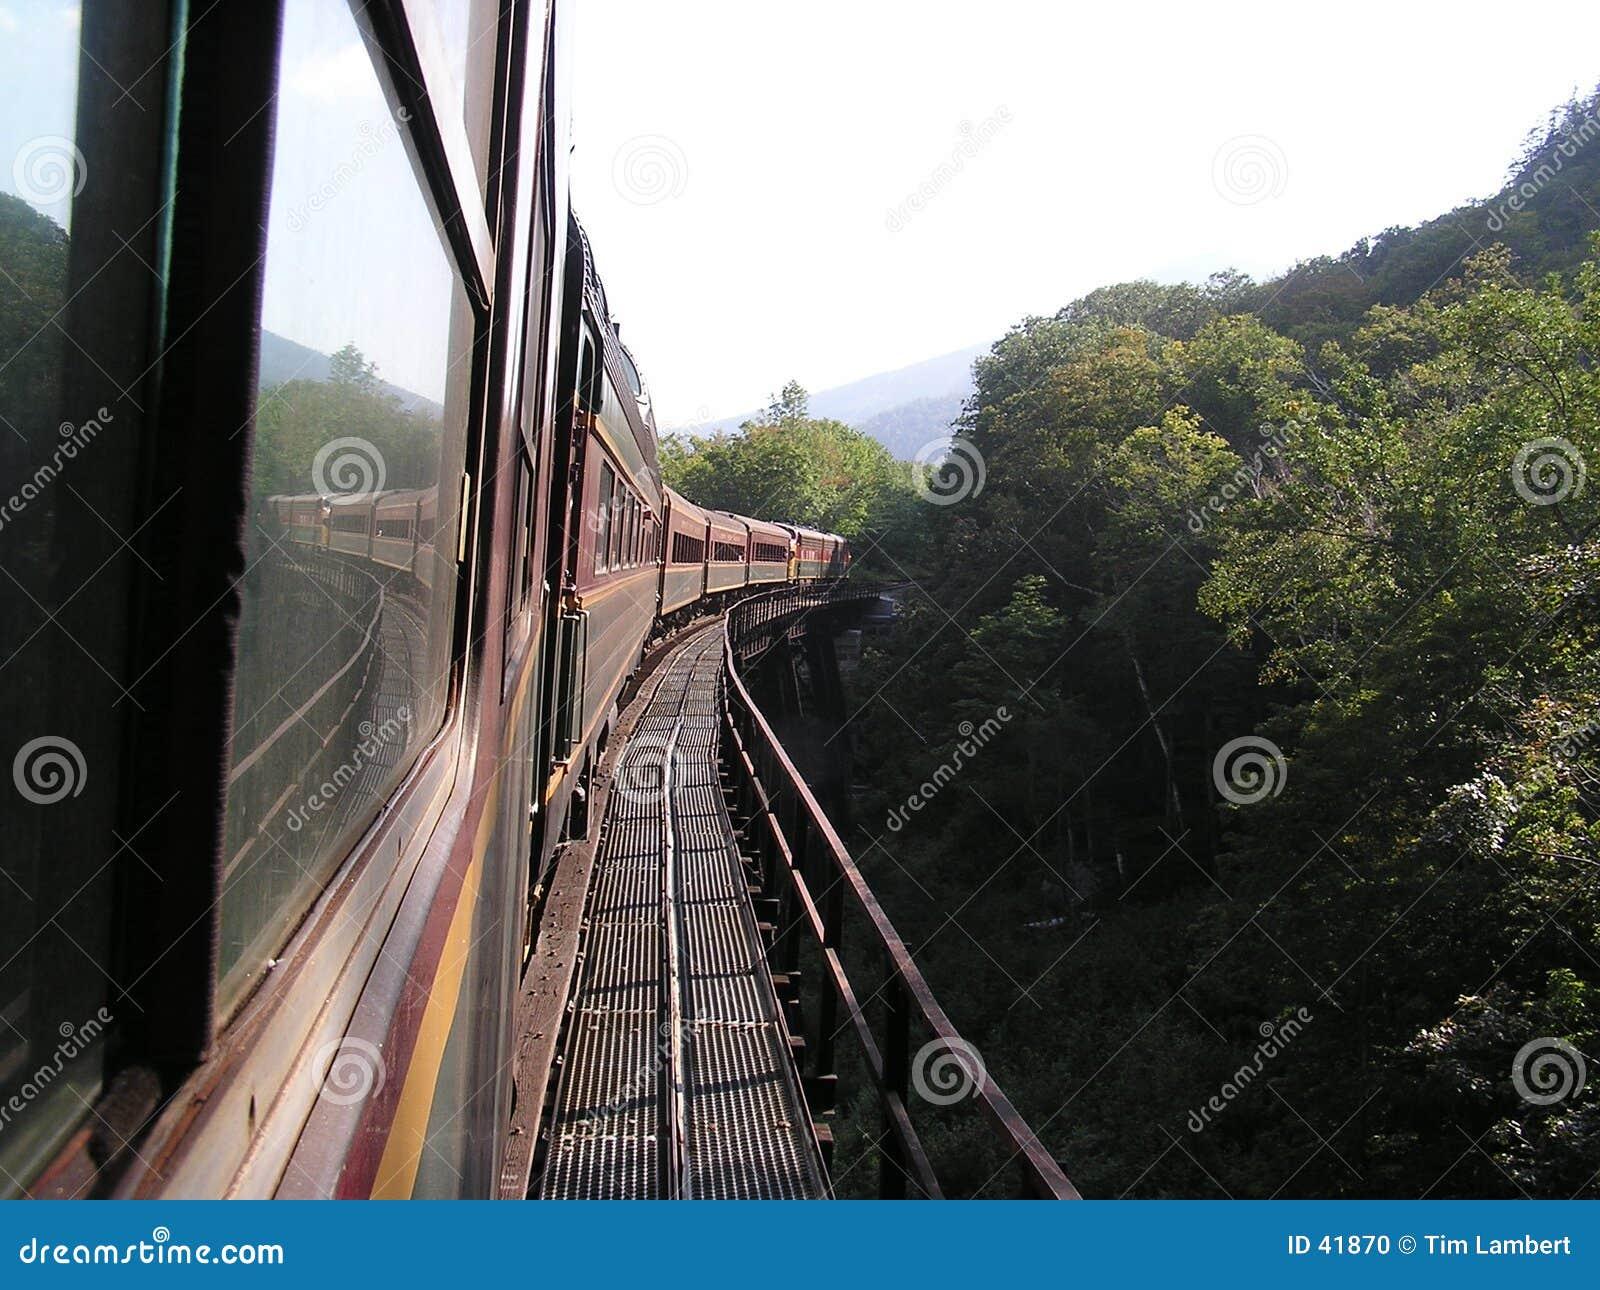 Download Viaje del tren foto de archivo. Imagen de montaña, tren - 41870